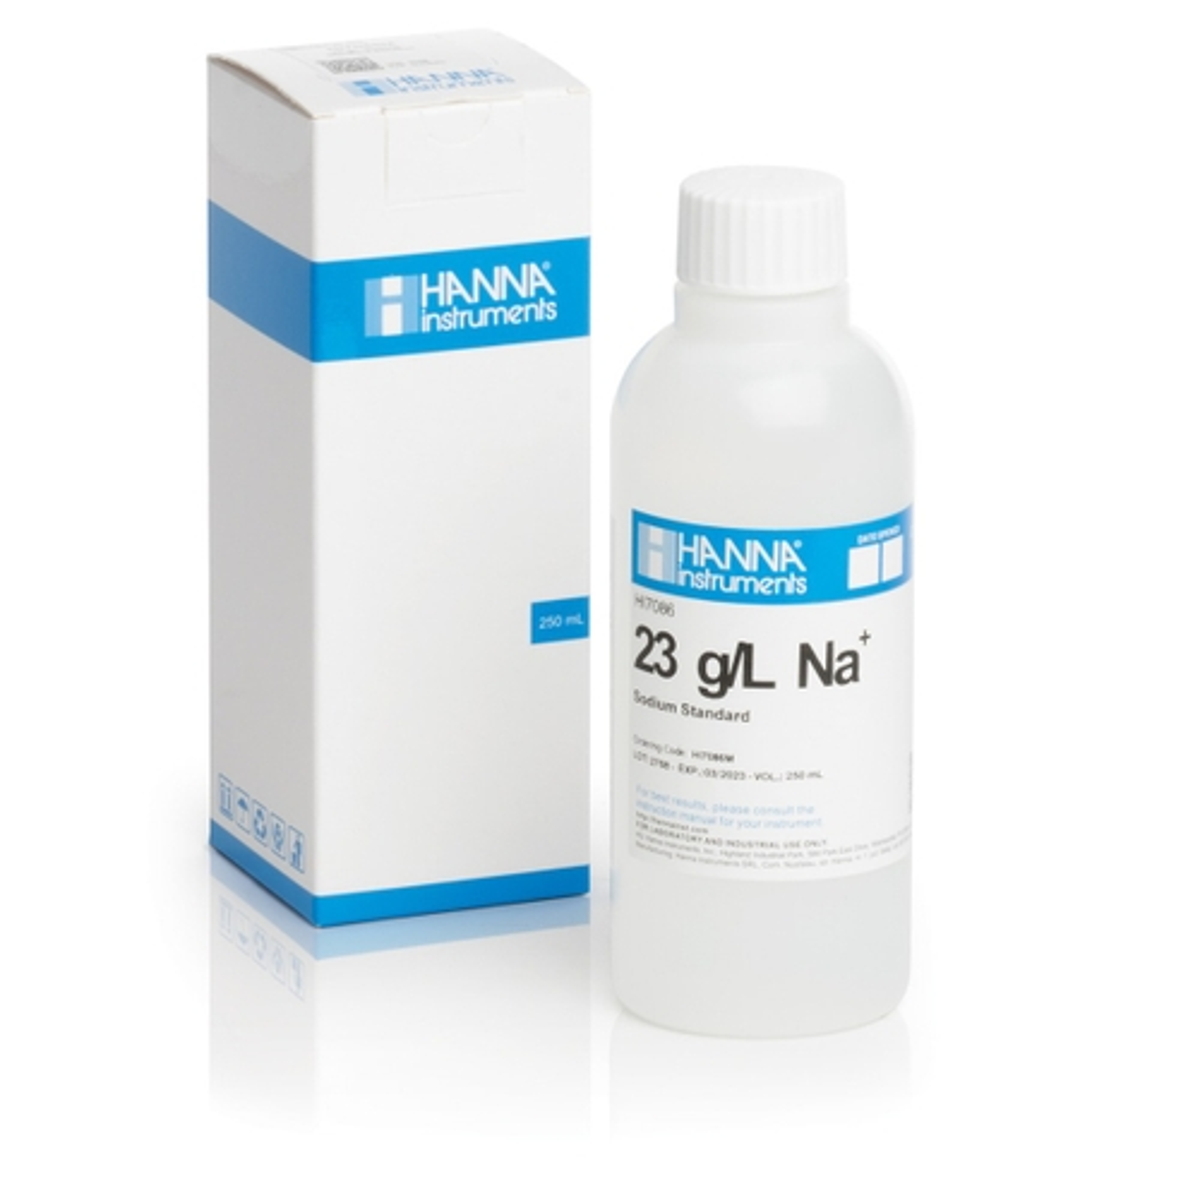 Solución Estándar de Sodio de 23 g / L (230 mL) - HI7086M